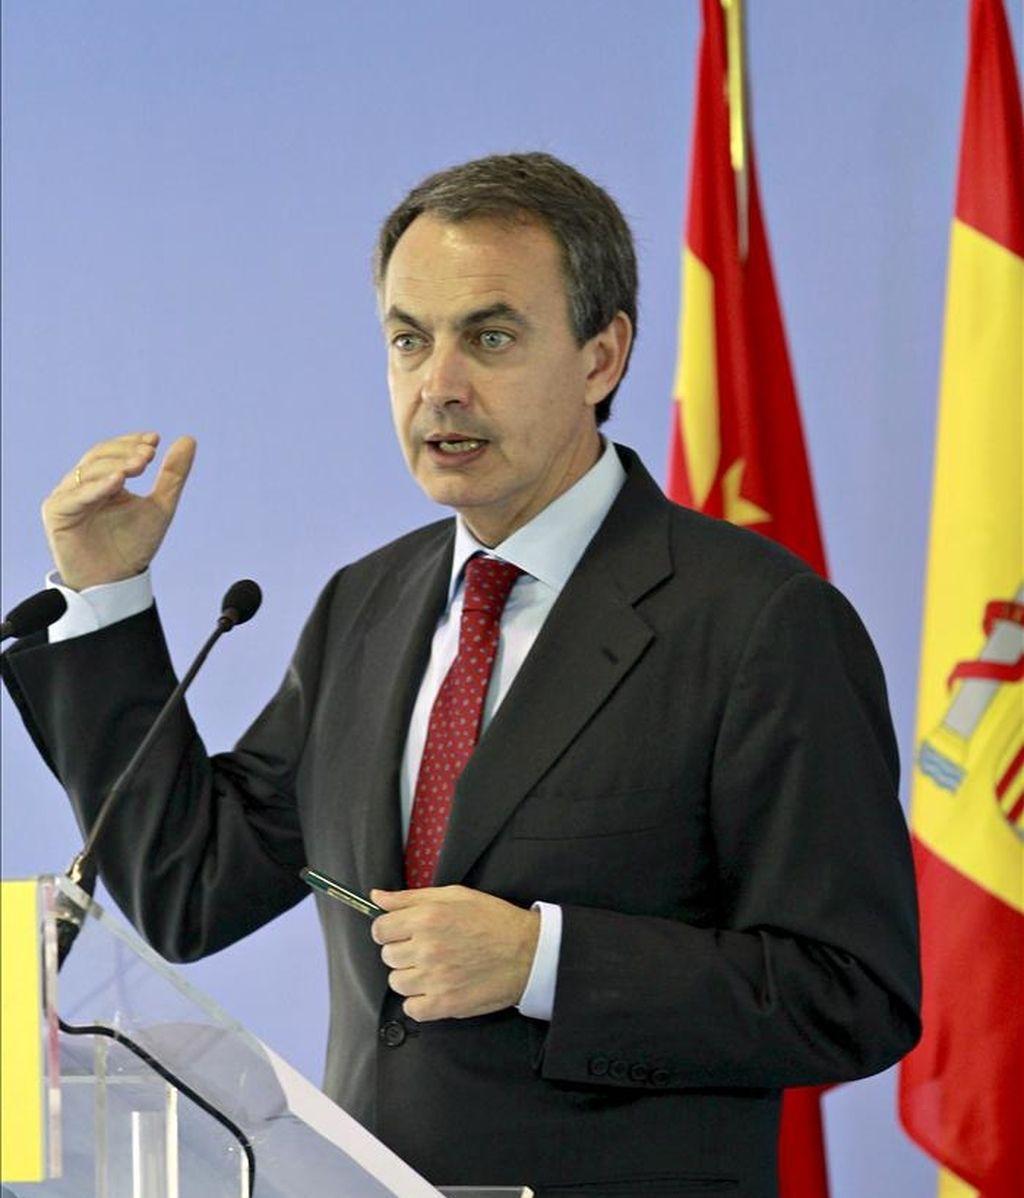 En China no ha habido compromisos concretos, pero Zapatero sí ha escuchado el interés del gigante asiático de invertir en España. Vídeo: Informativos Telecinco.